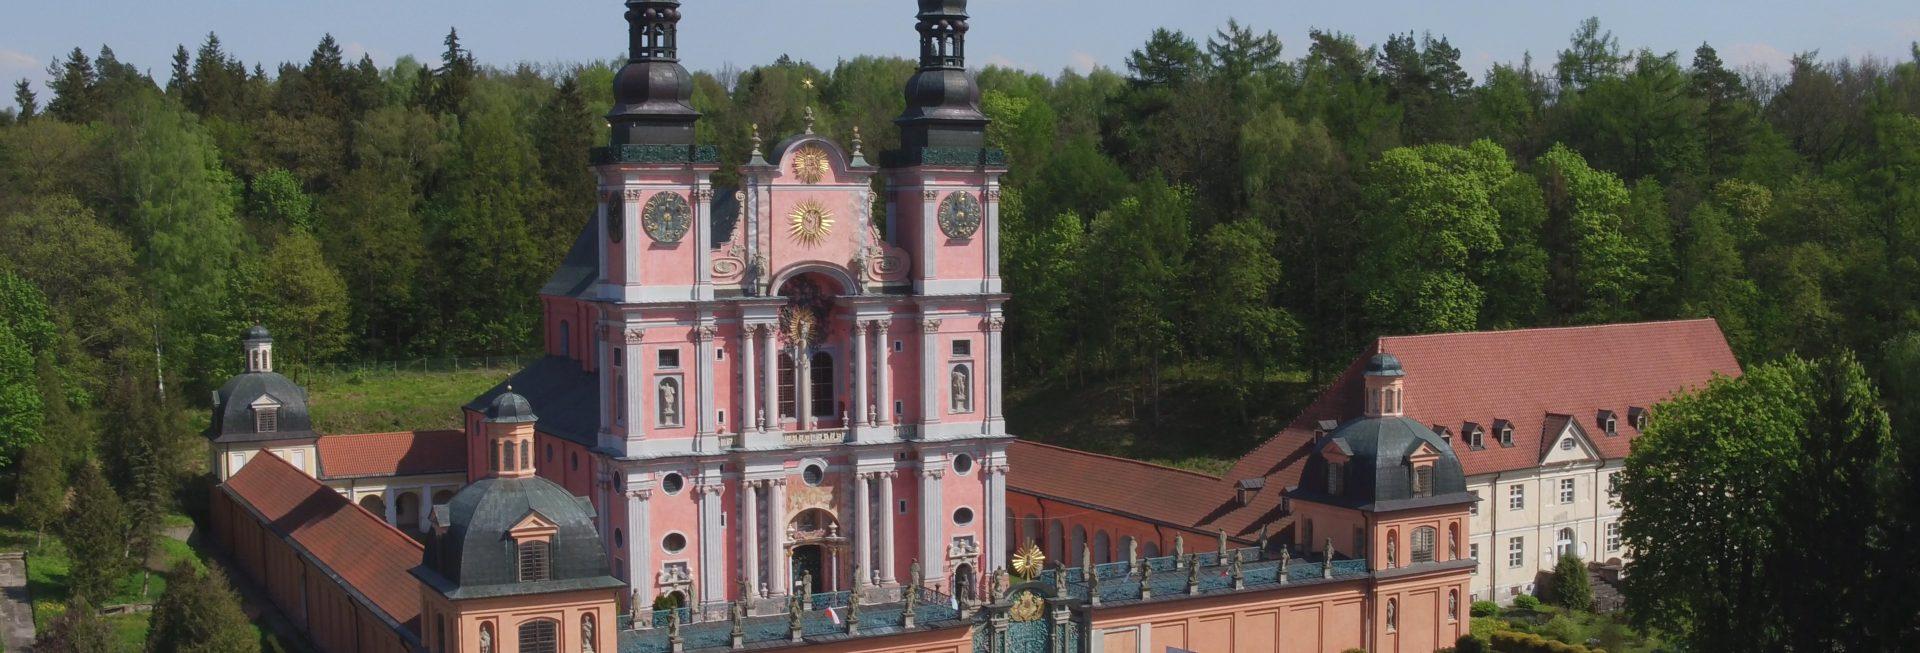 Zdjęcie z lotu ptaka panoramy Sanktuarium Matki Bożej w Św. Lipce.